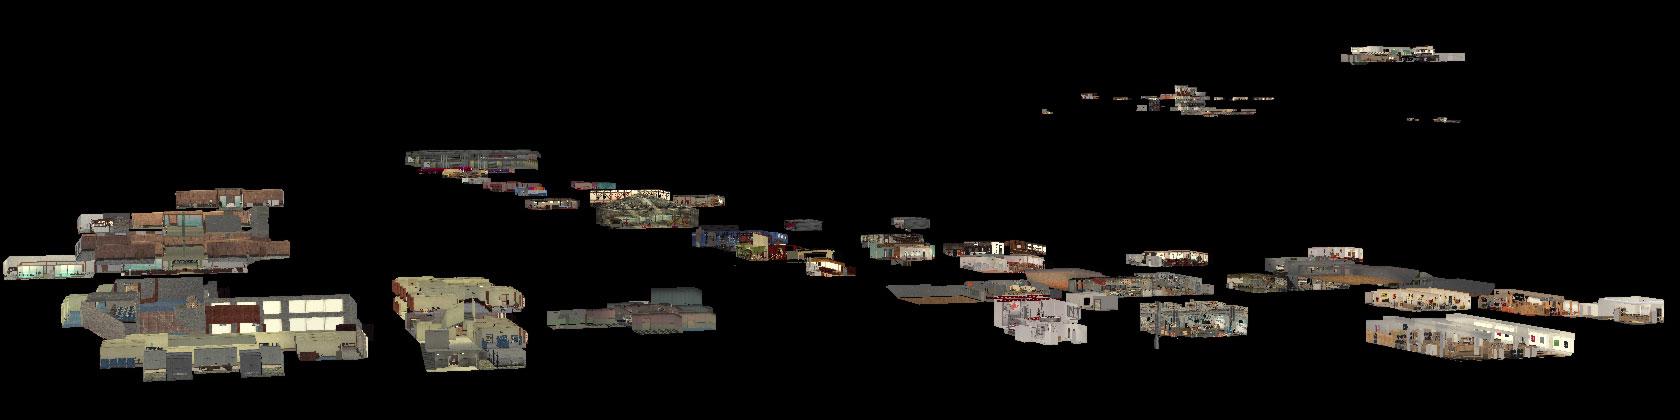 """Ein Blick in die """"Black Hell"""" von GTA: San Andreas"""